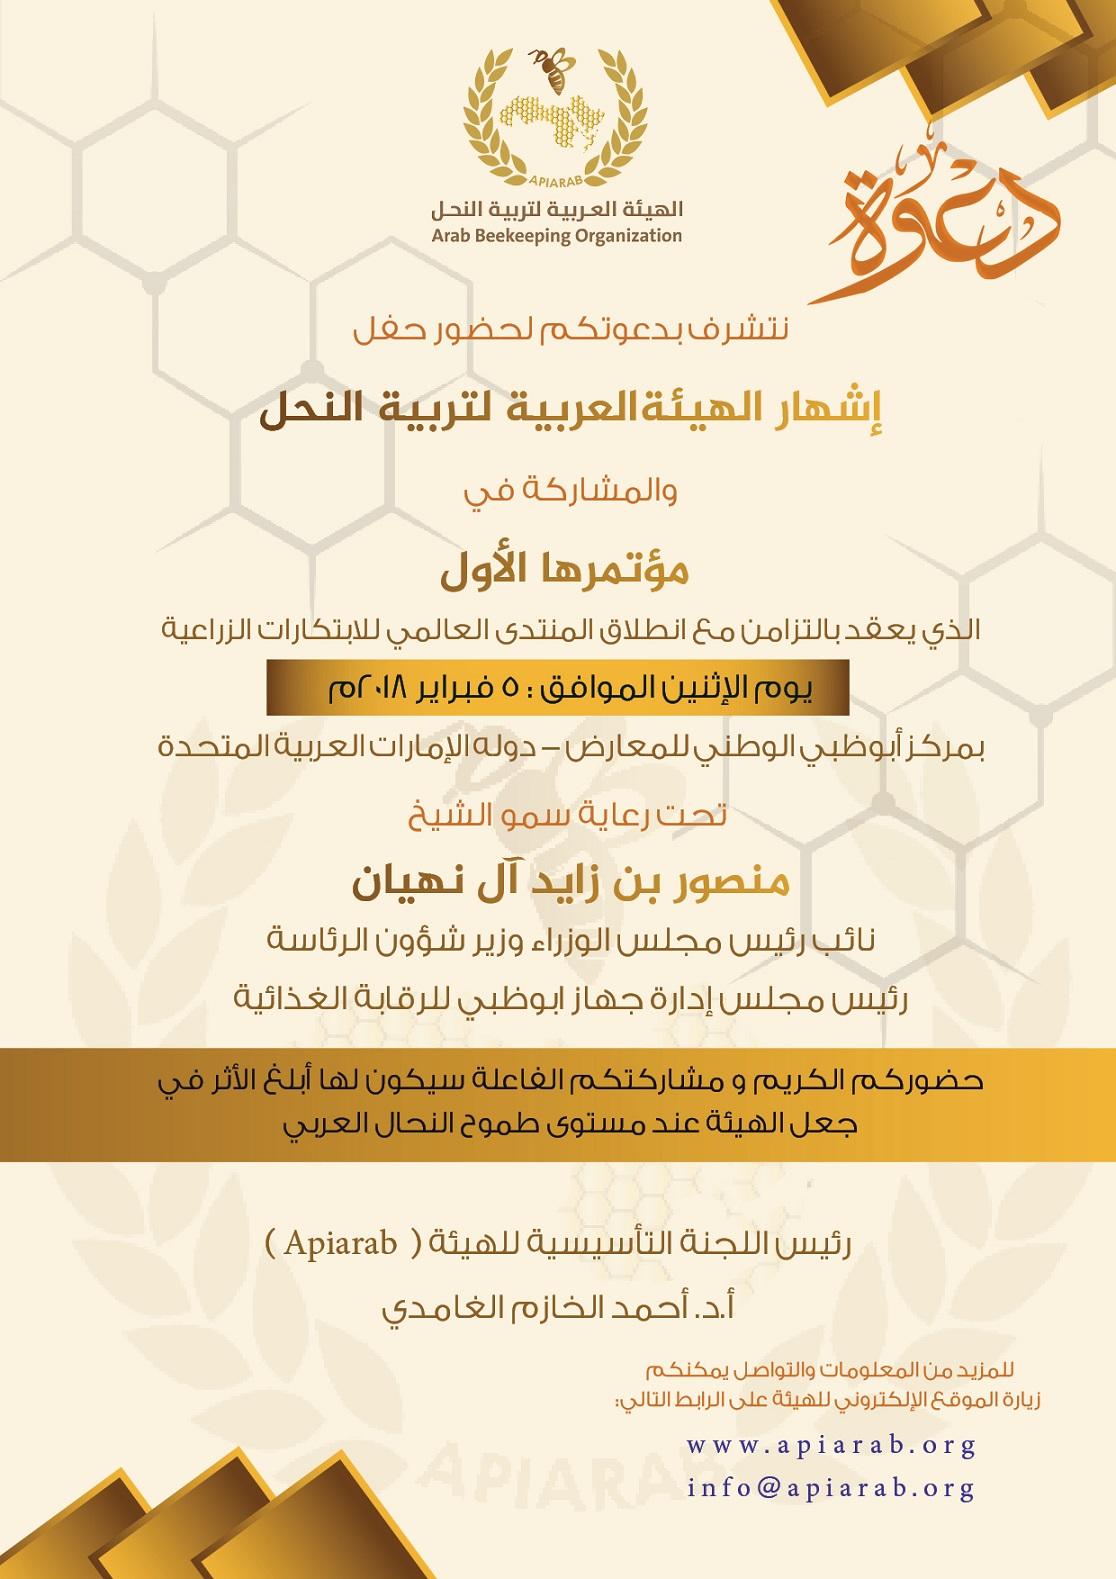 تدشين مؤتمر أبوظبي